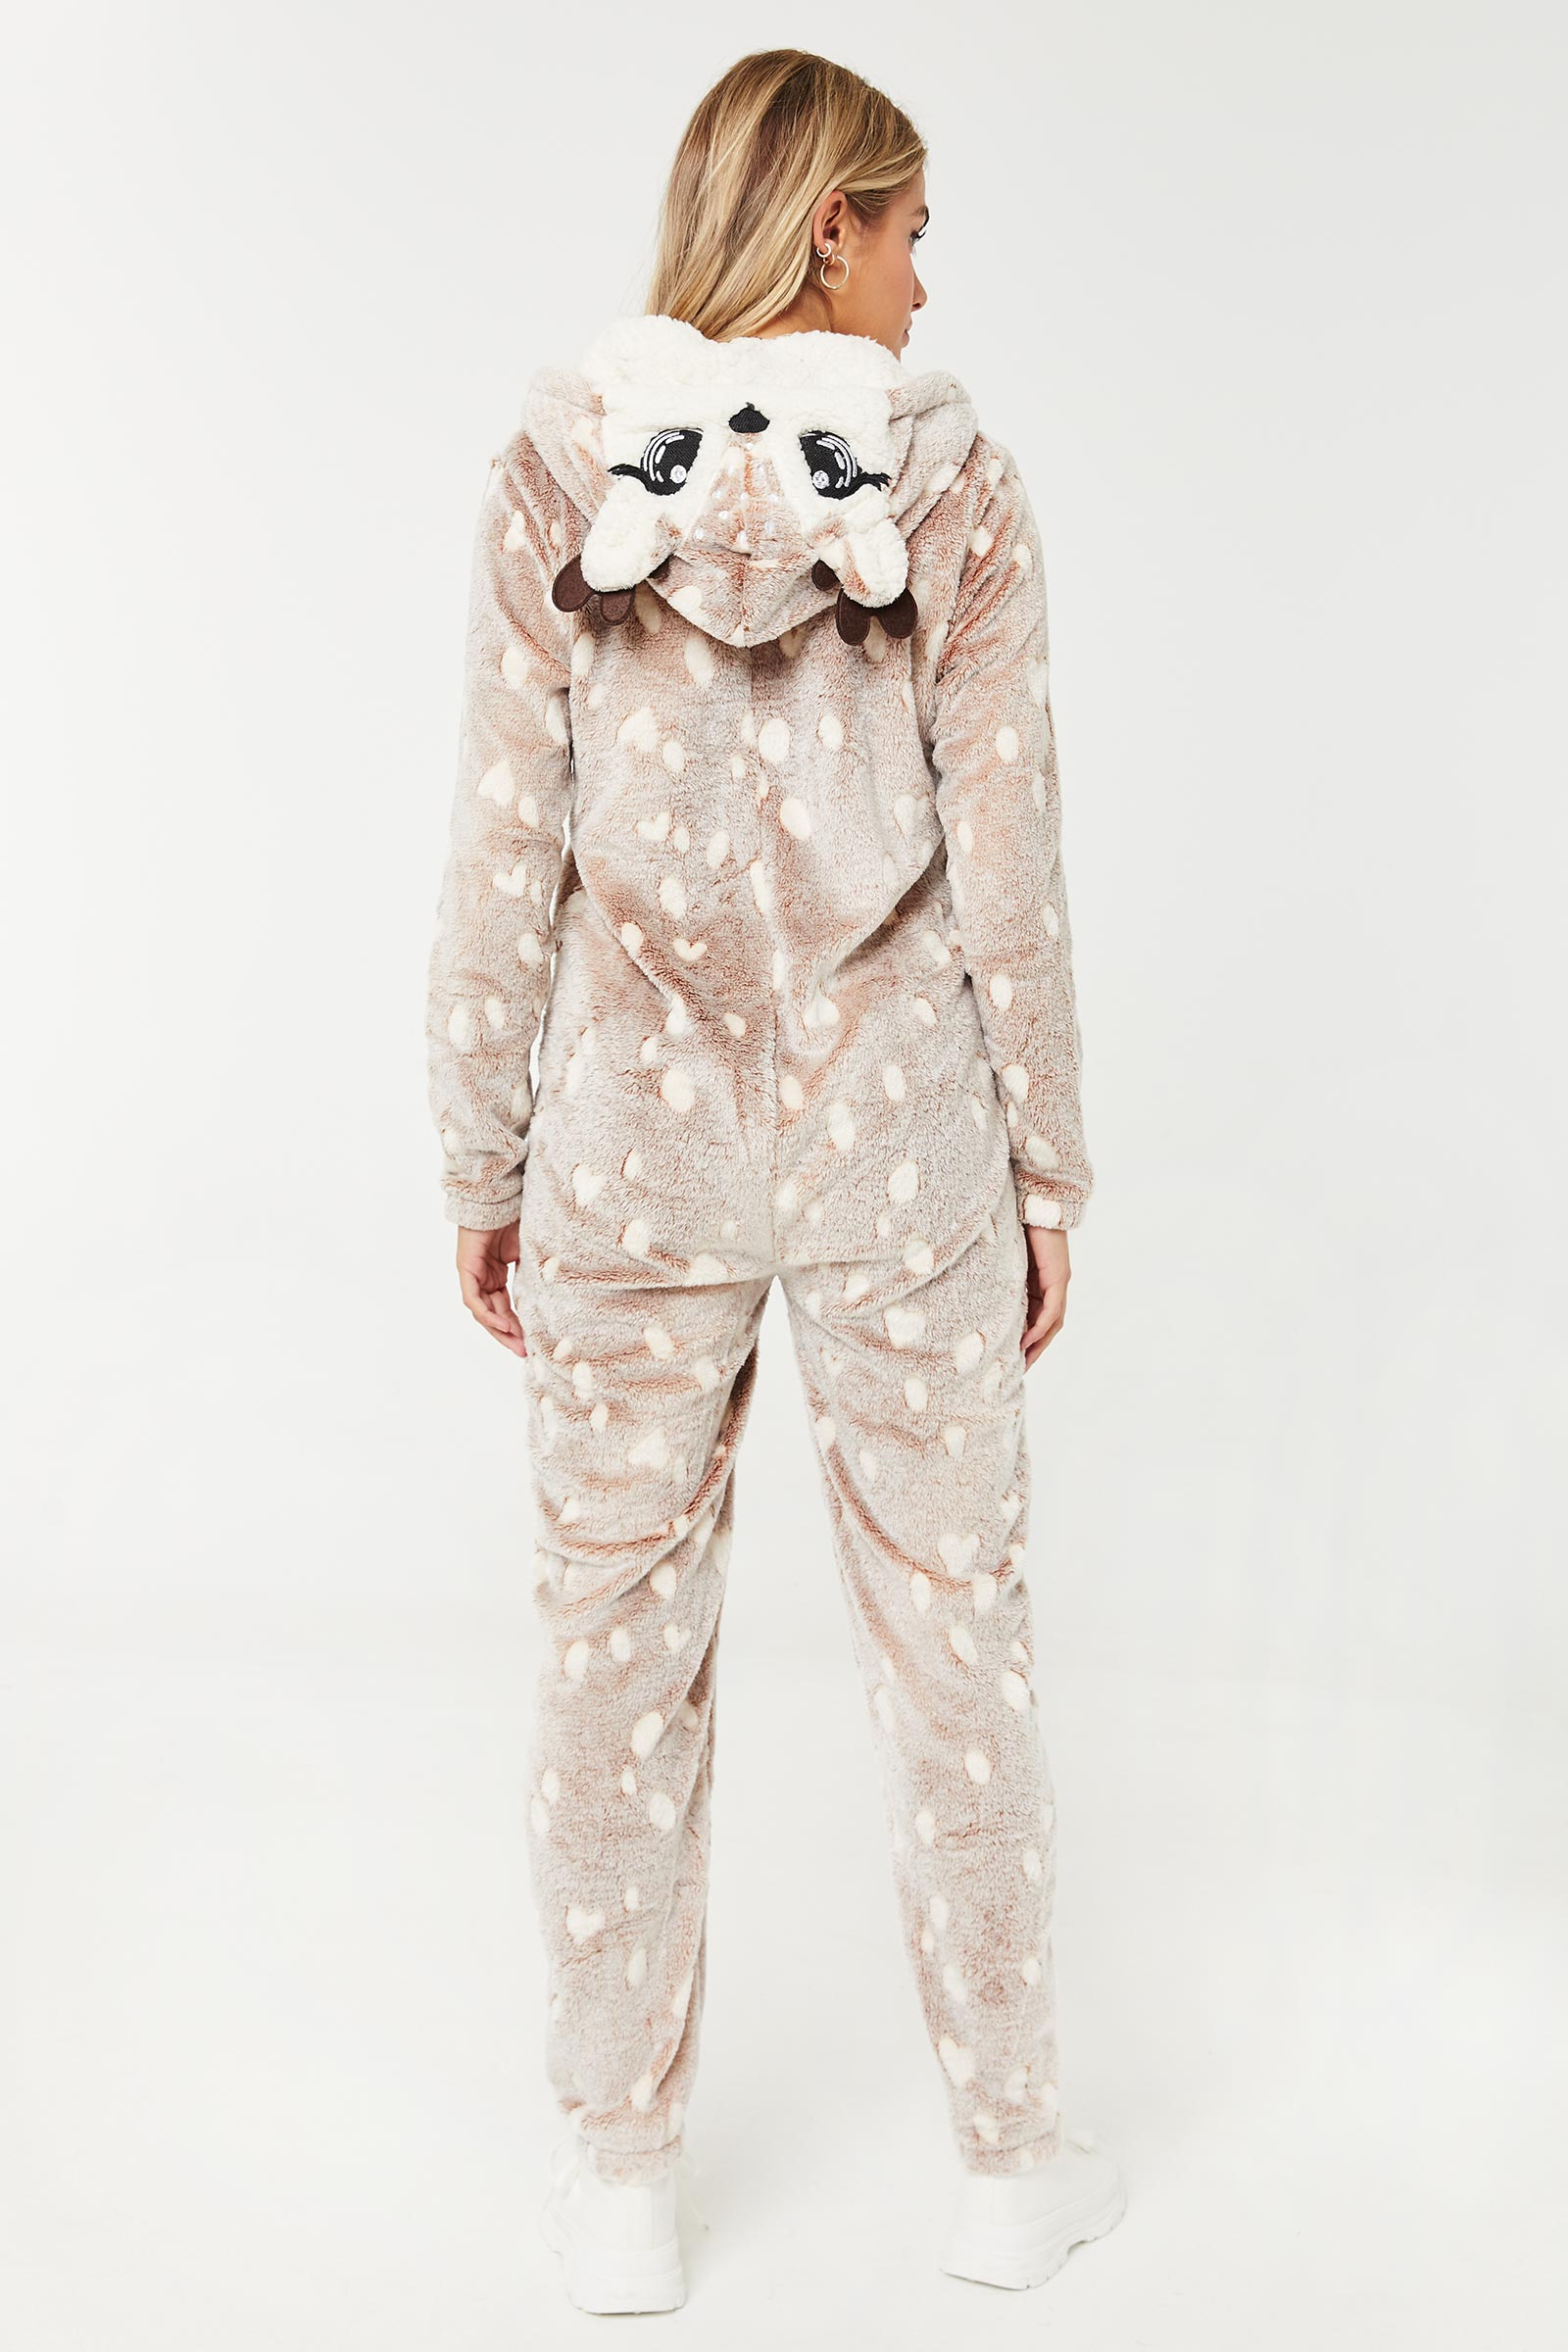 Costume une-pièce de renne